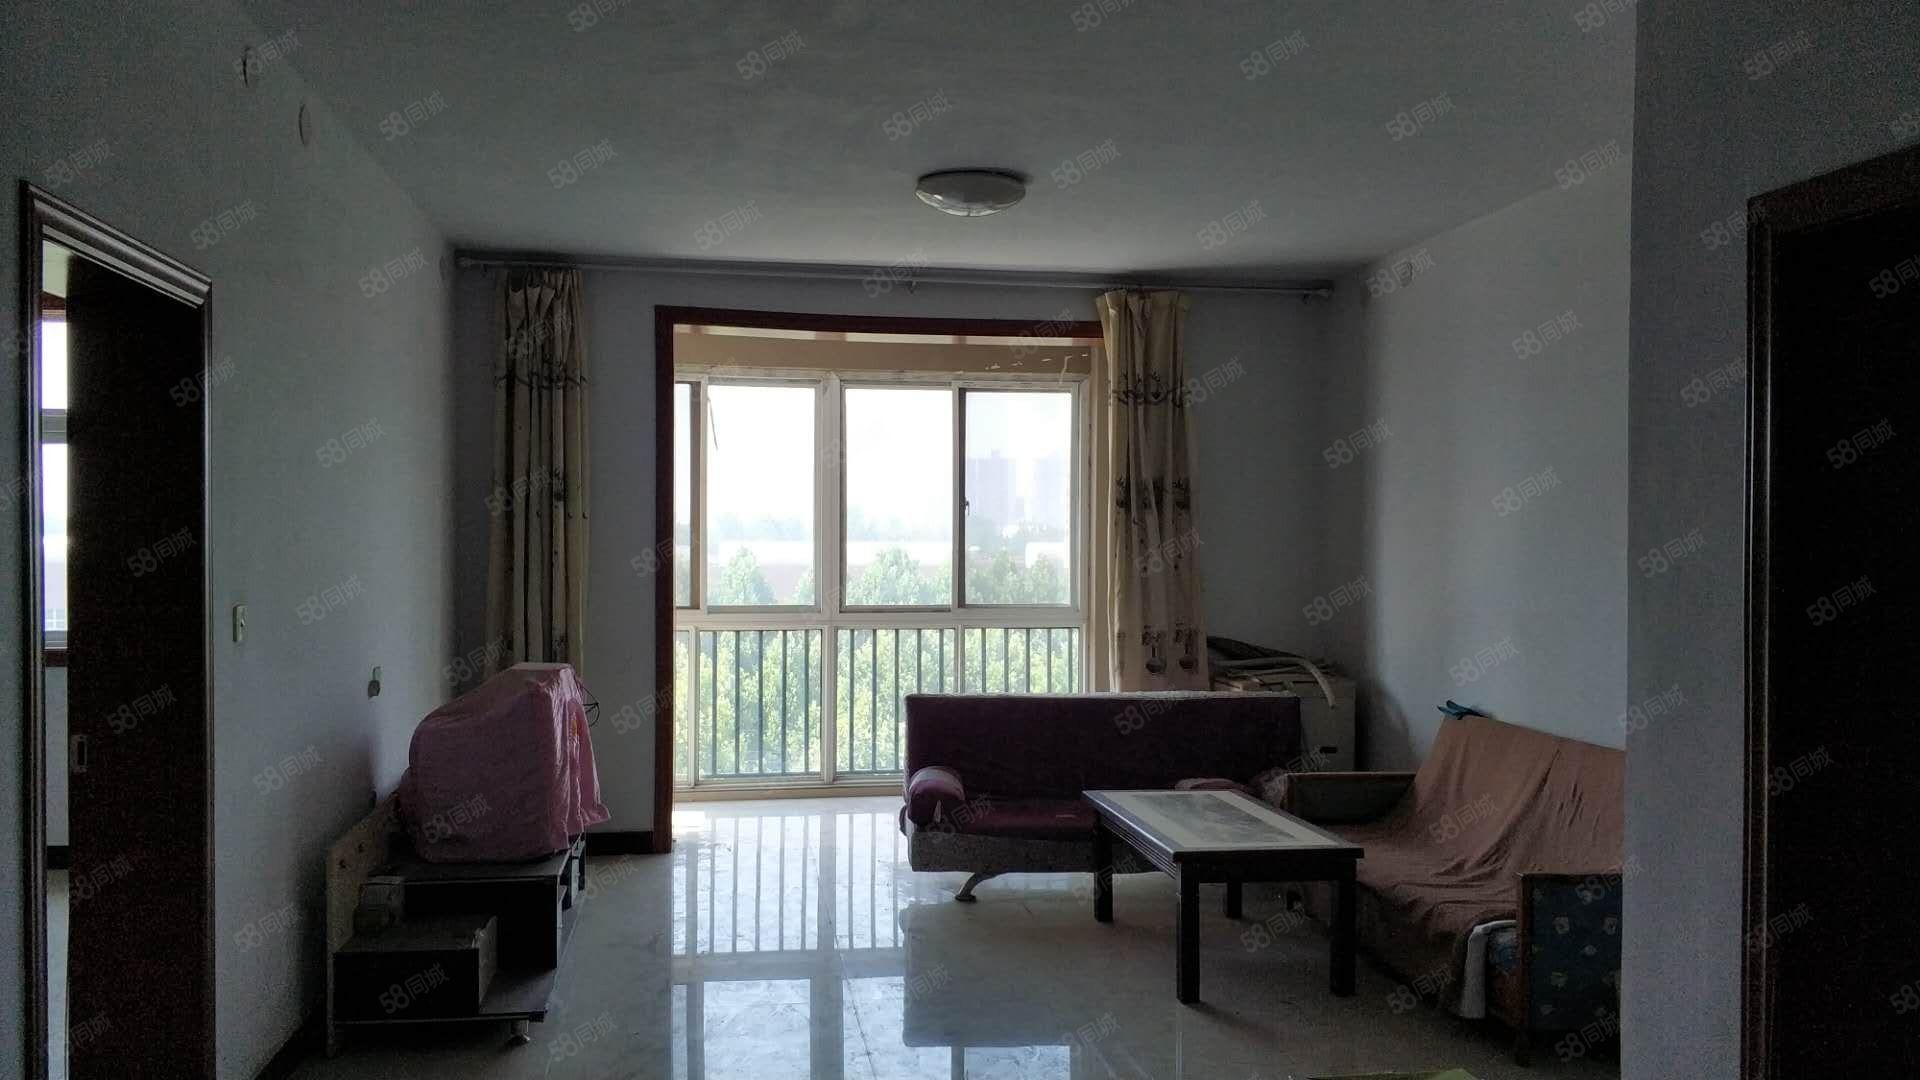 亿星紫荆城,3室2厅1卫有证可按揭,步梯6楼送阁楼,精装